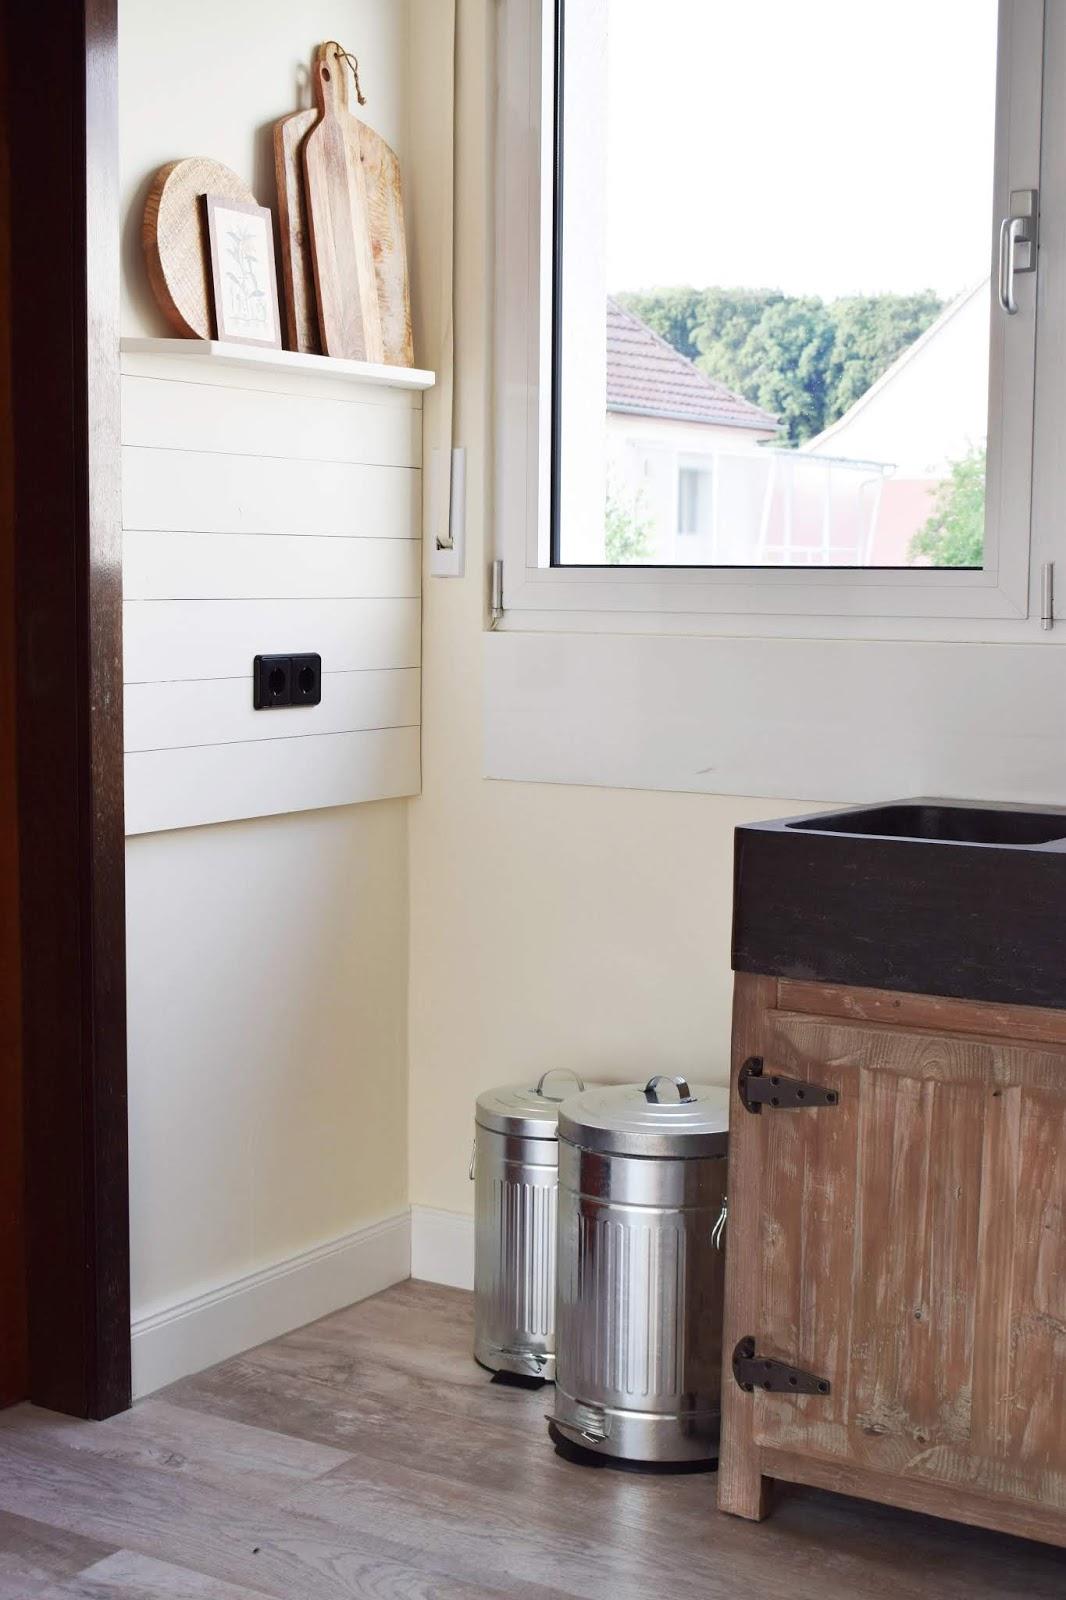 DIY Wandregal und erste Einblicke in die neue Küche | ECLECTIC HAMILTON